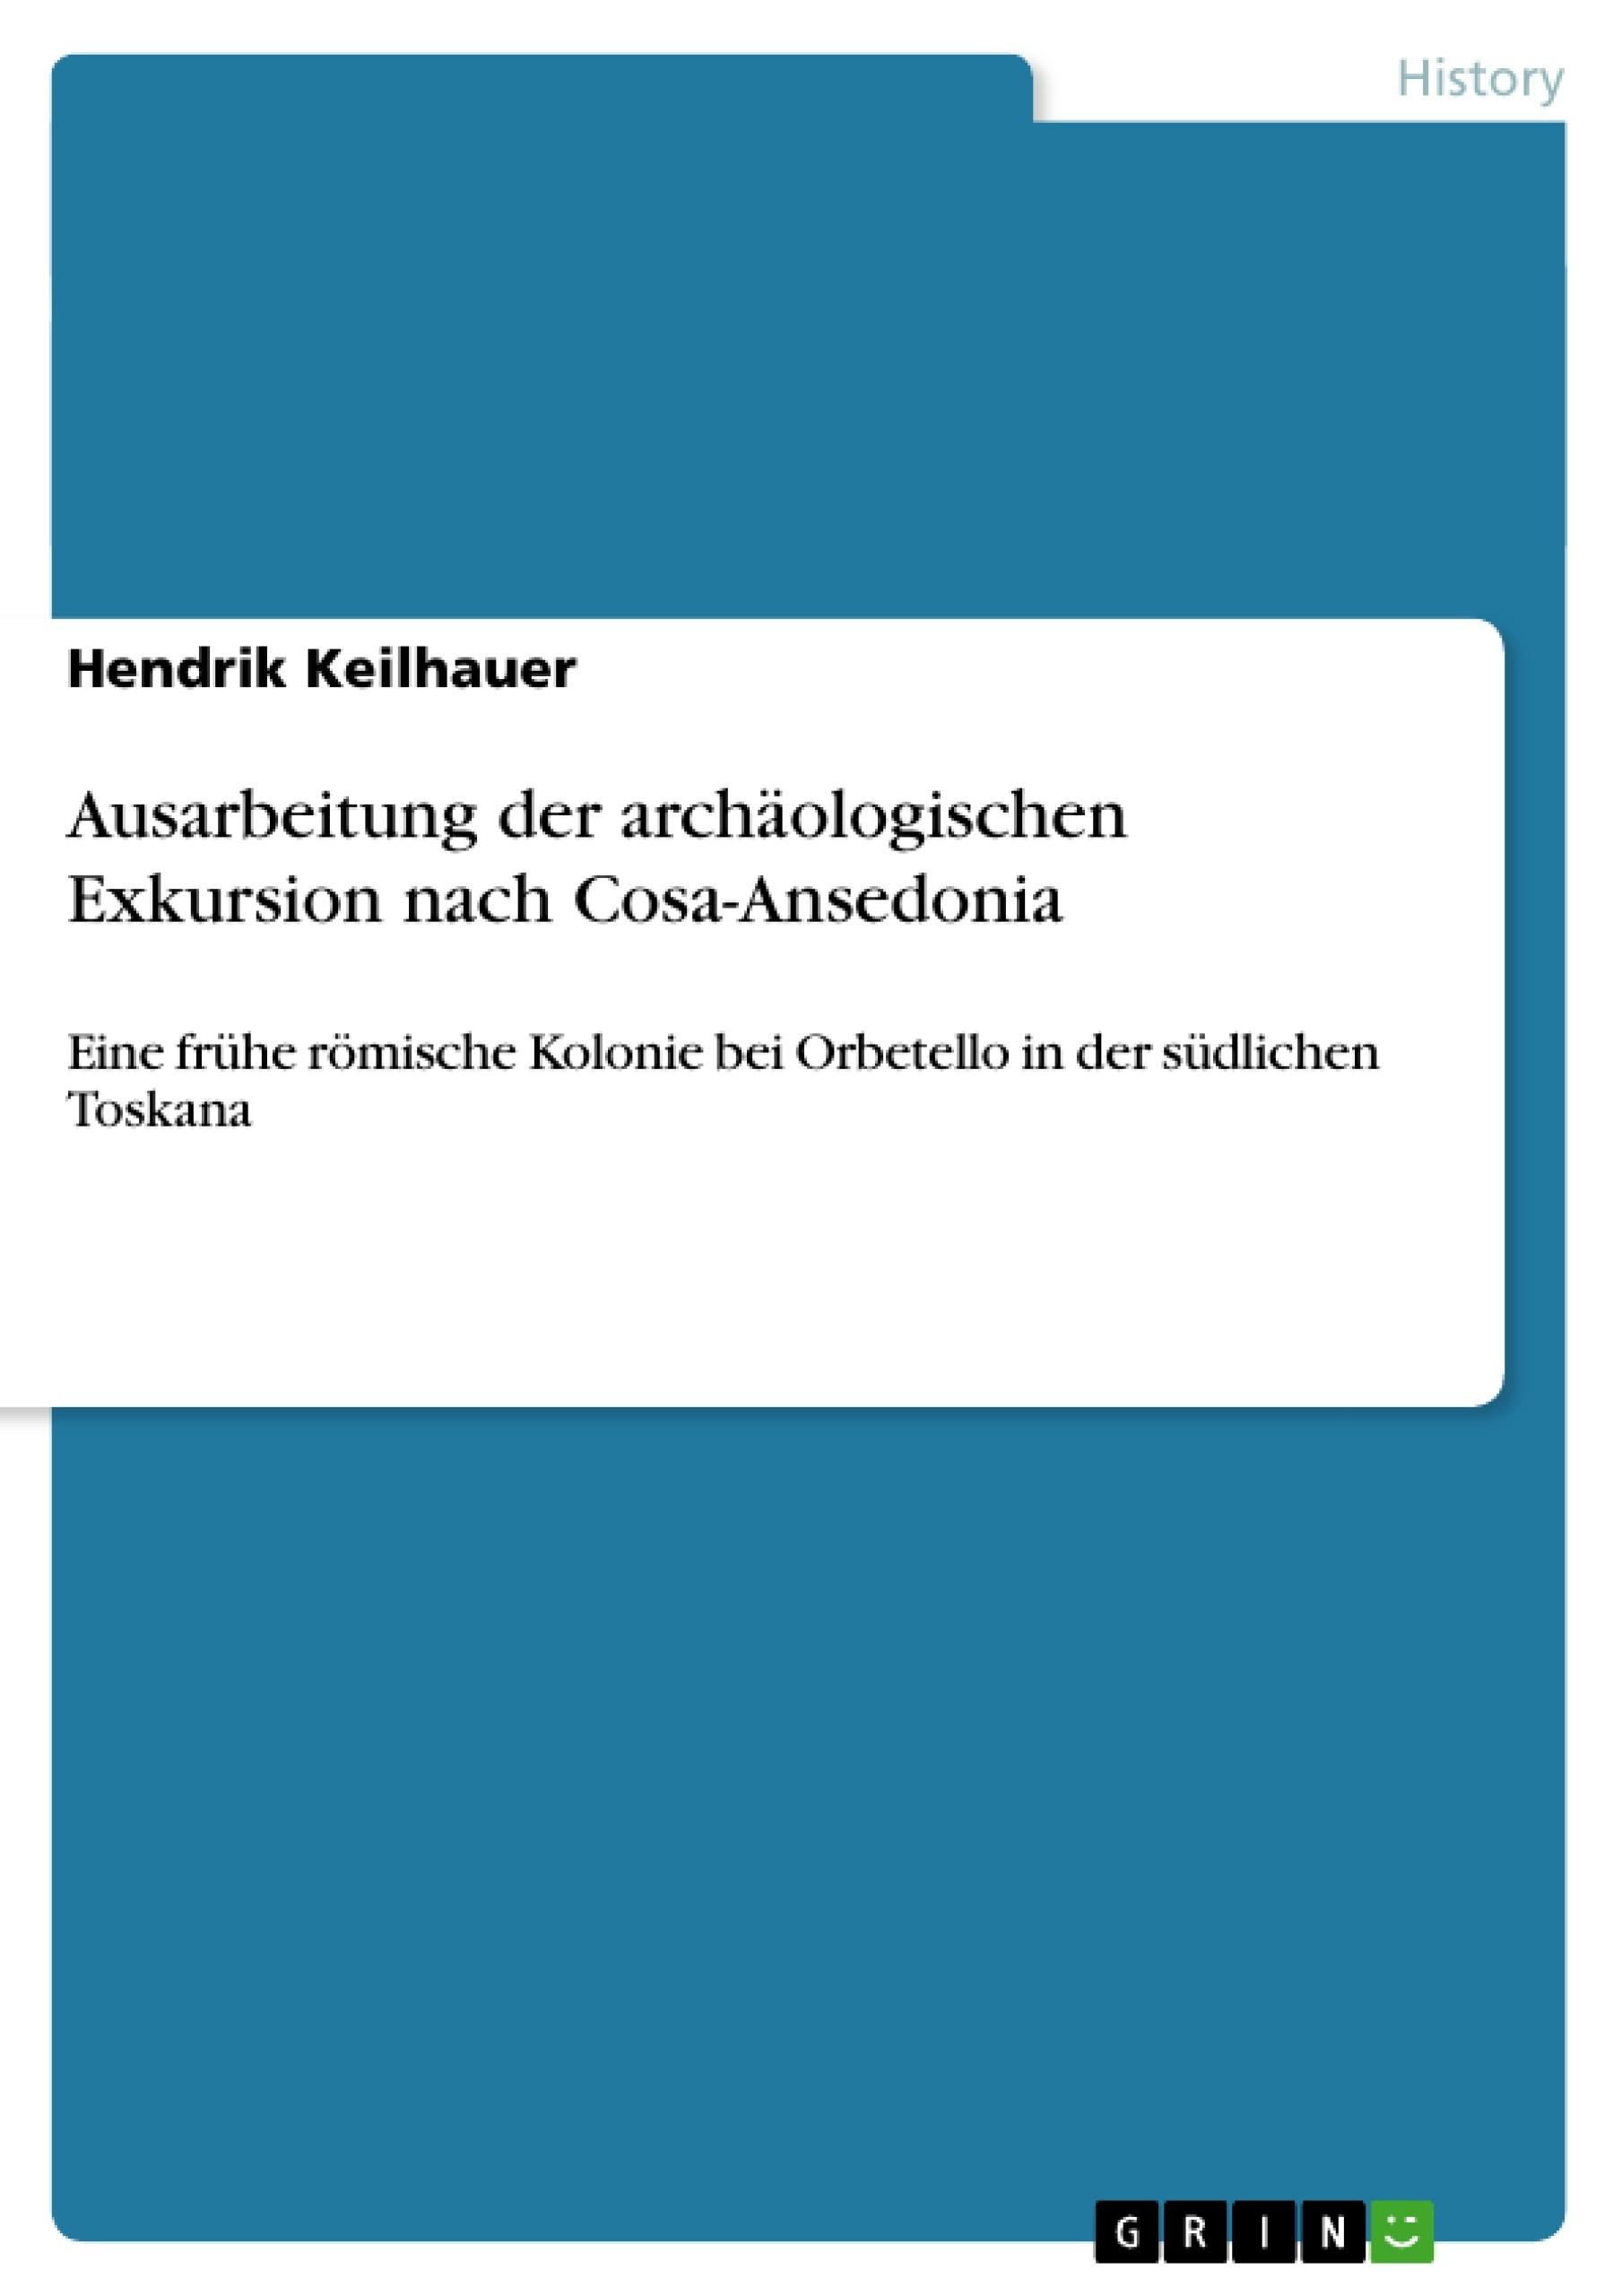 Title: Ausarbeitung der archäologischen Exkursion nach Cosa-Ansedonia